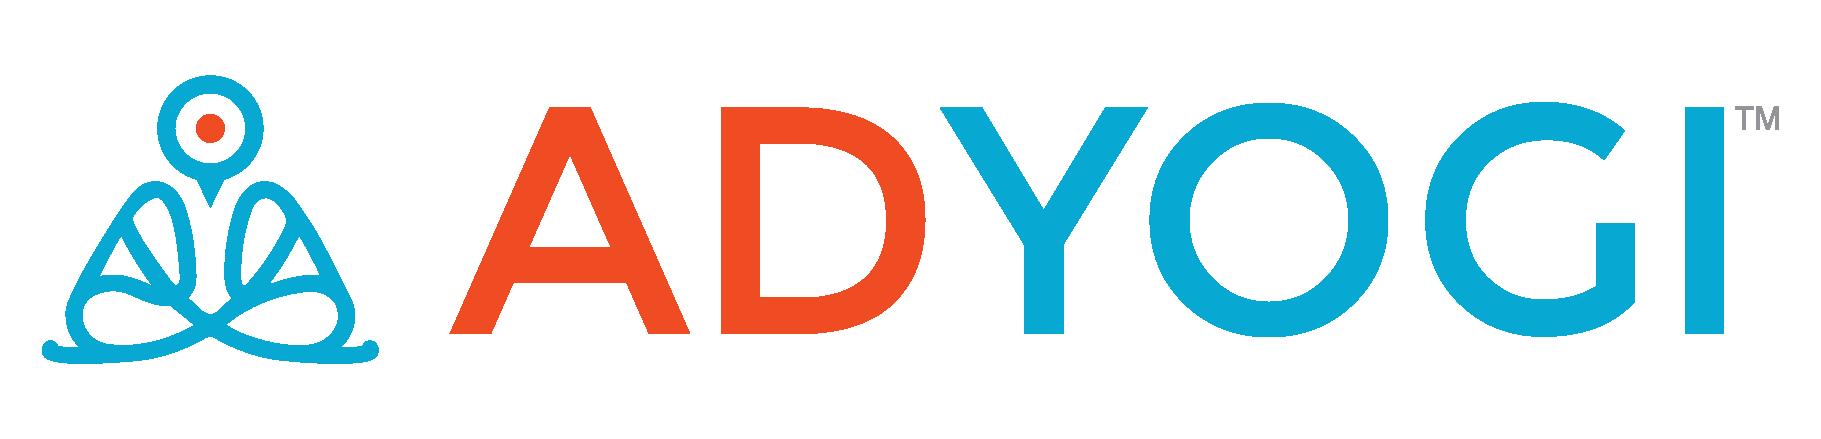 Adyogi_logo-02